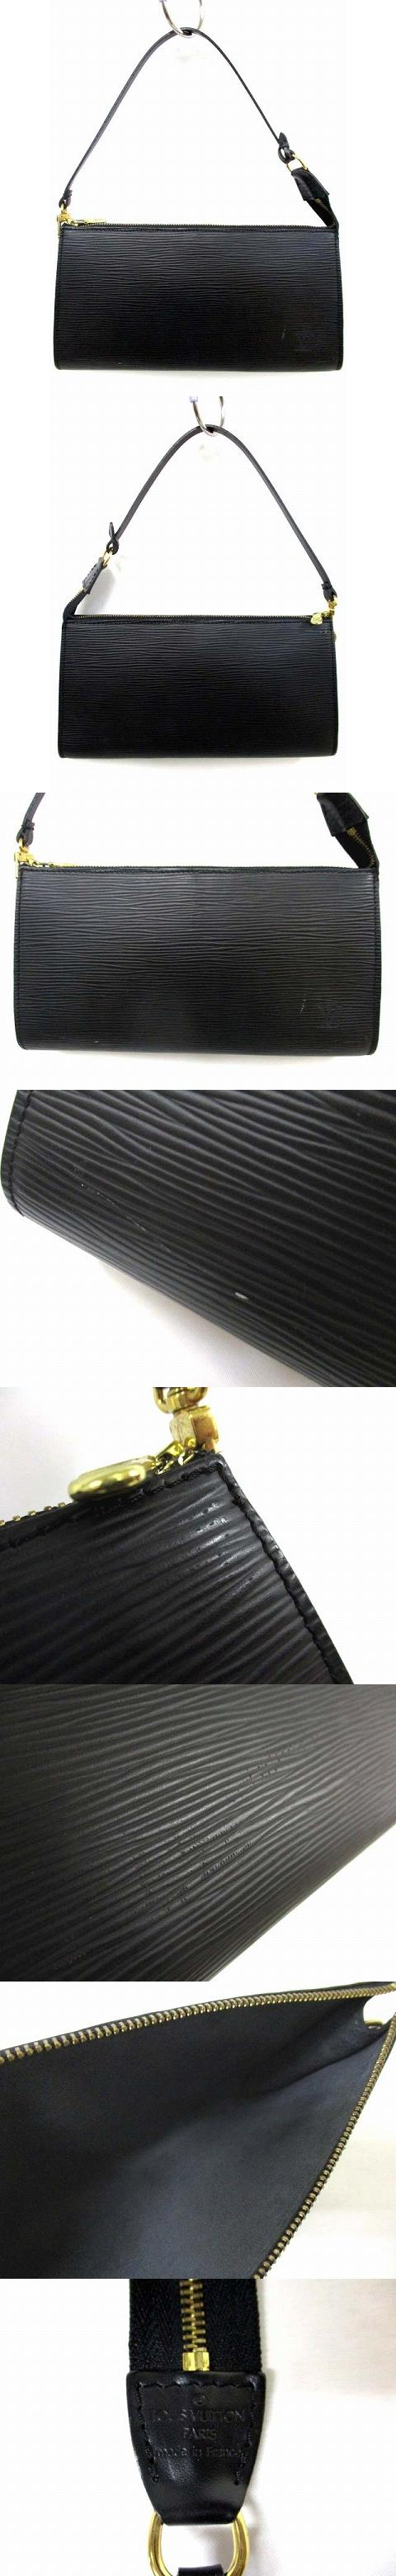 エピ ノワール アクセソワール ポーチ ポシェット レザー ブラック 黒 M52942 190524OK03s